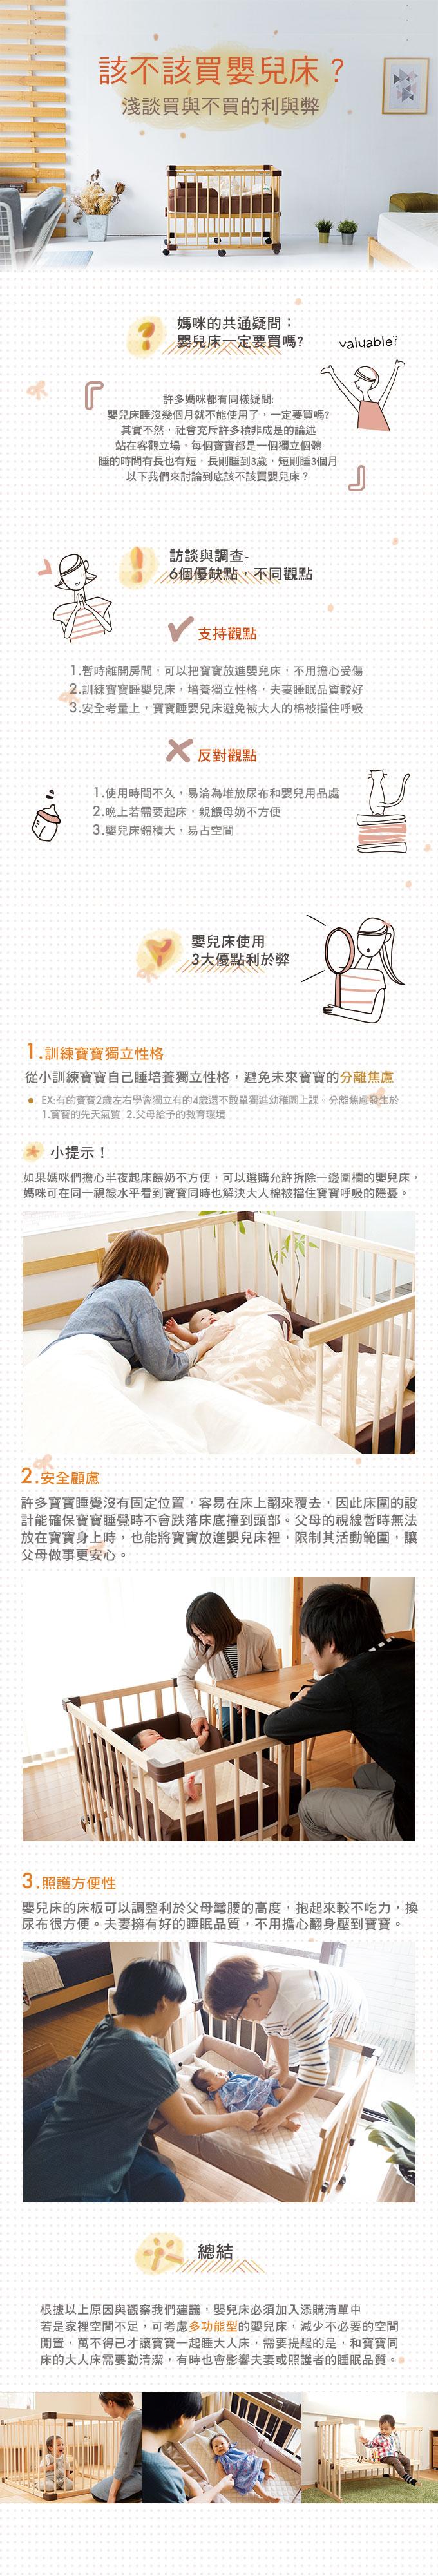 「到底該不該買嬰兒床呢?」 我們為您整理多方觀點,讓您在下決定時有更多地參考!